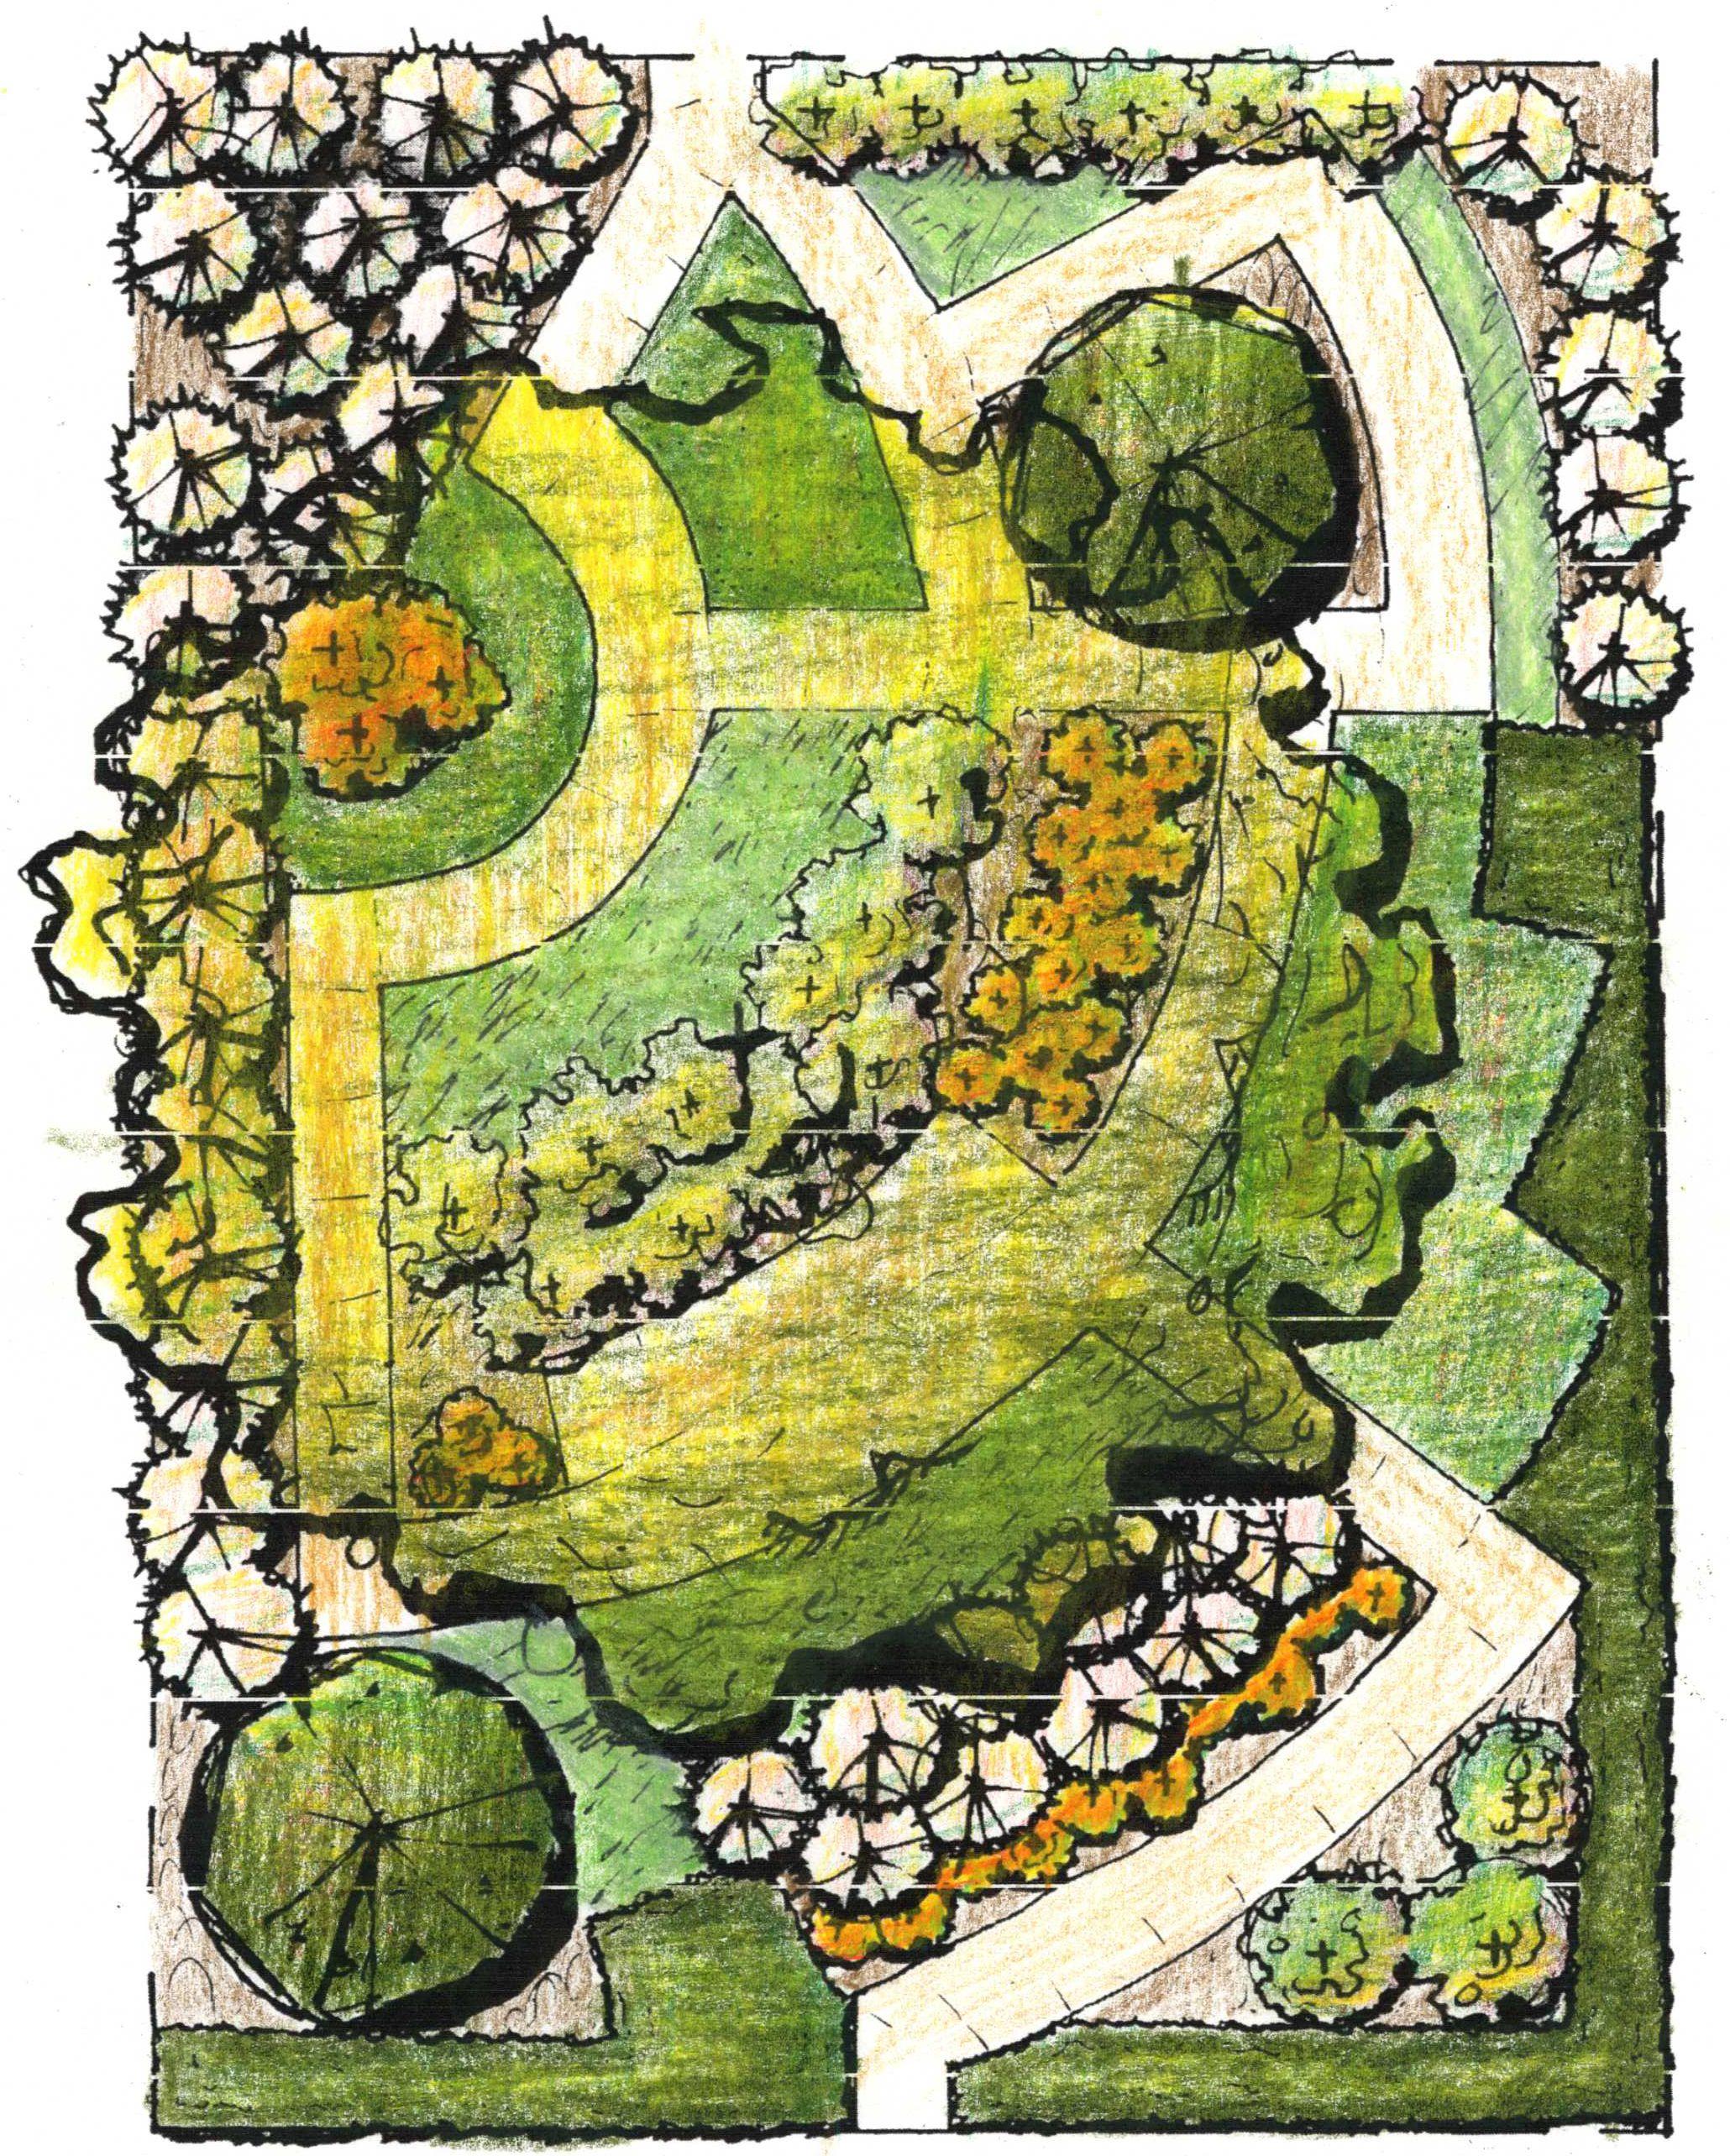 Spring planting jpeg bild 2060 2568 pixlar for Grid landscape design